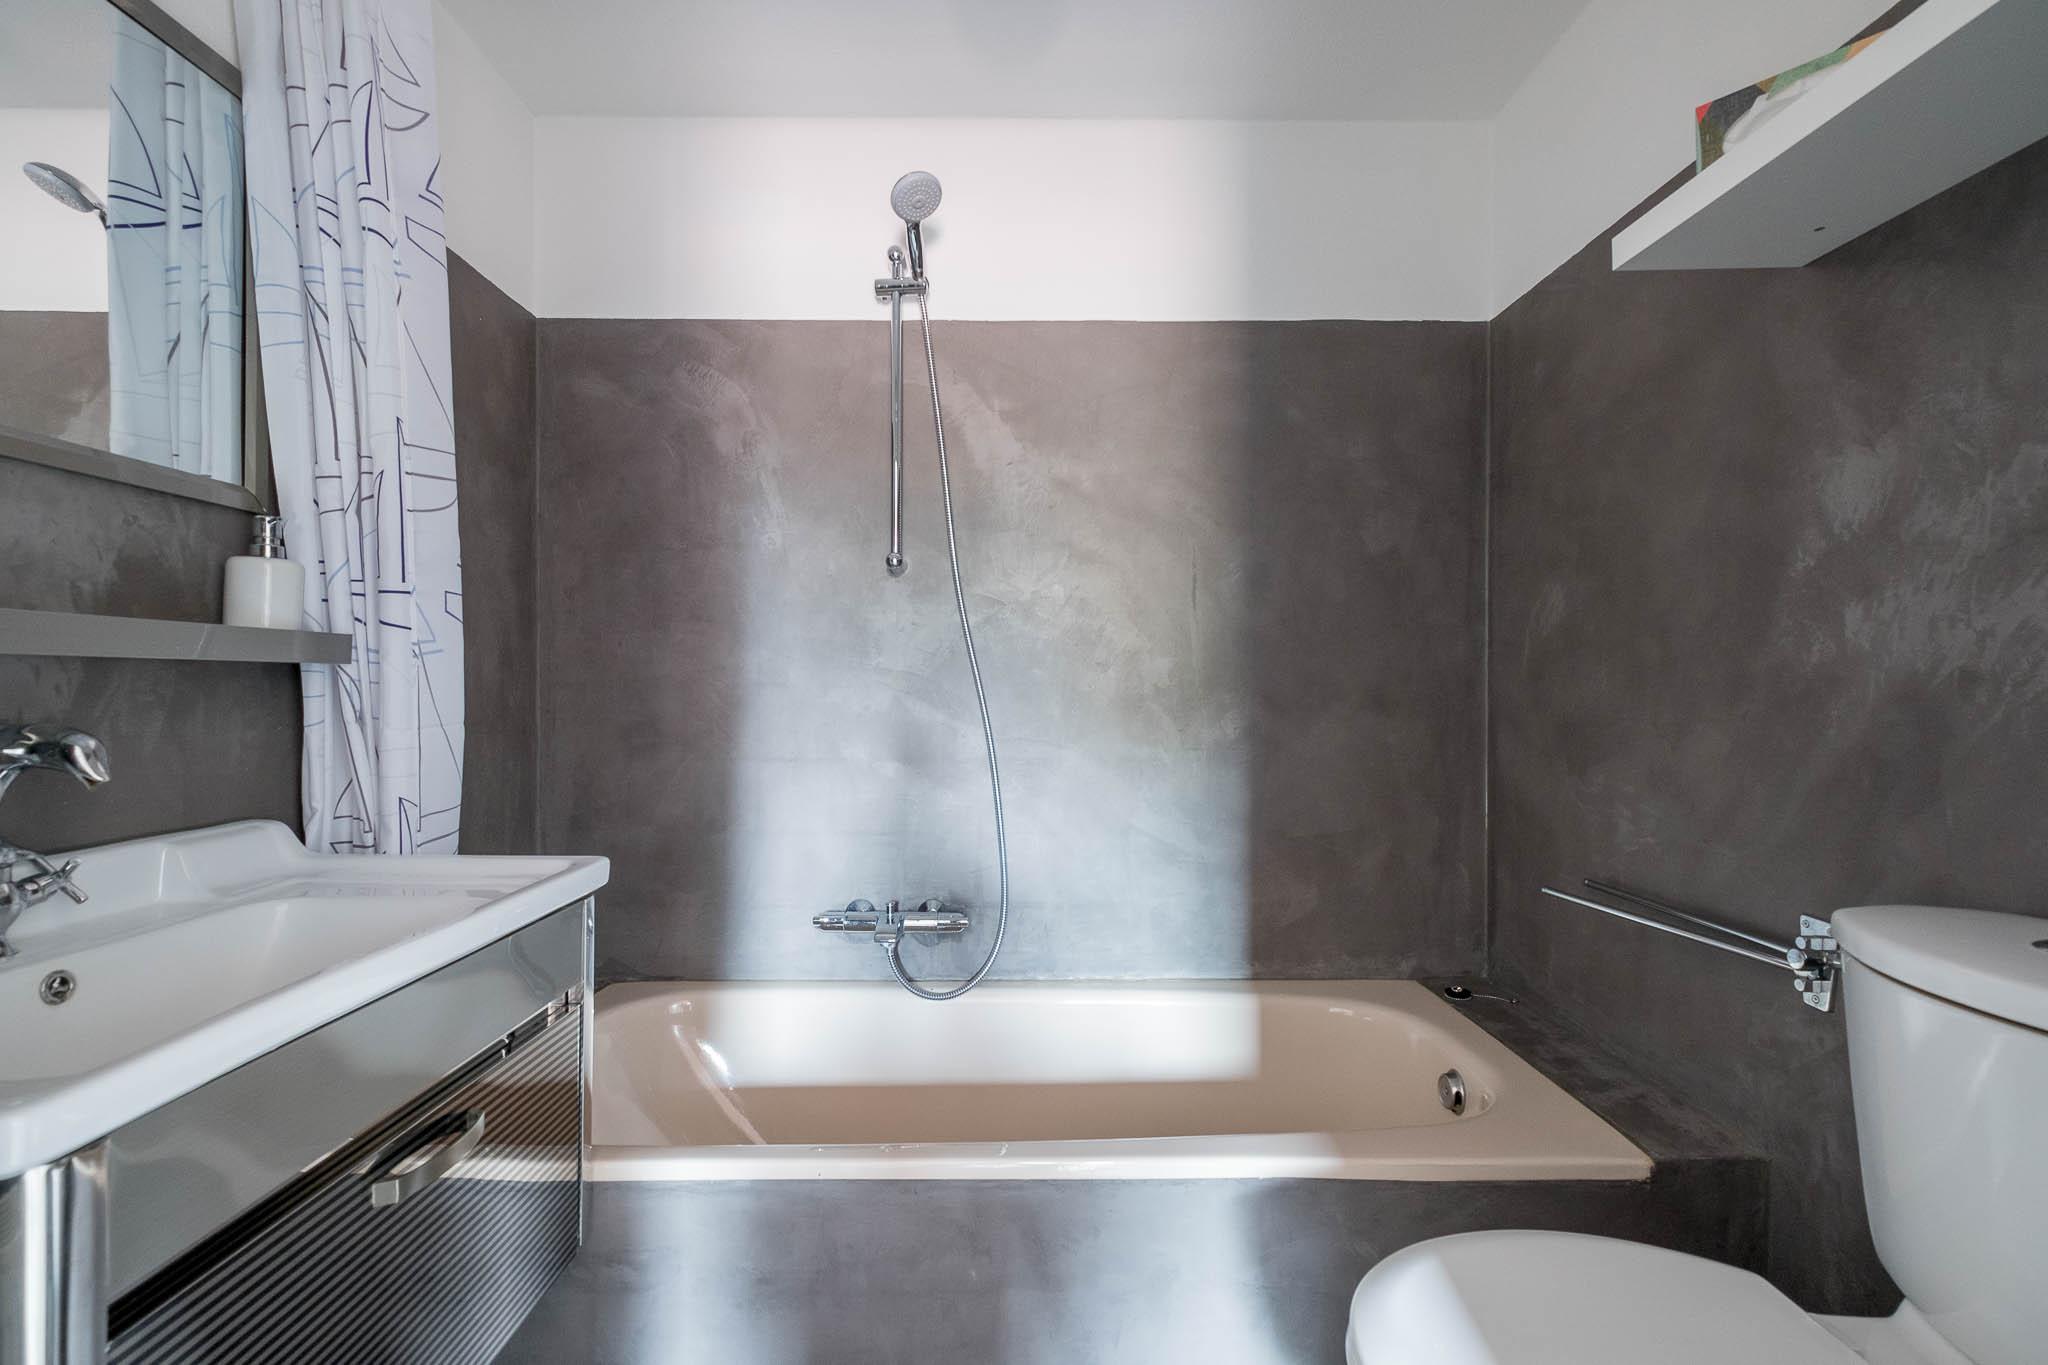 kamer 2 - badkamer